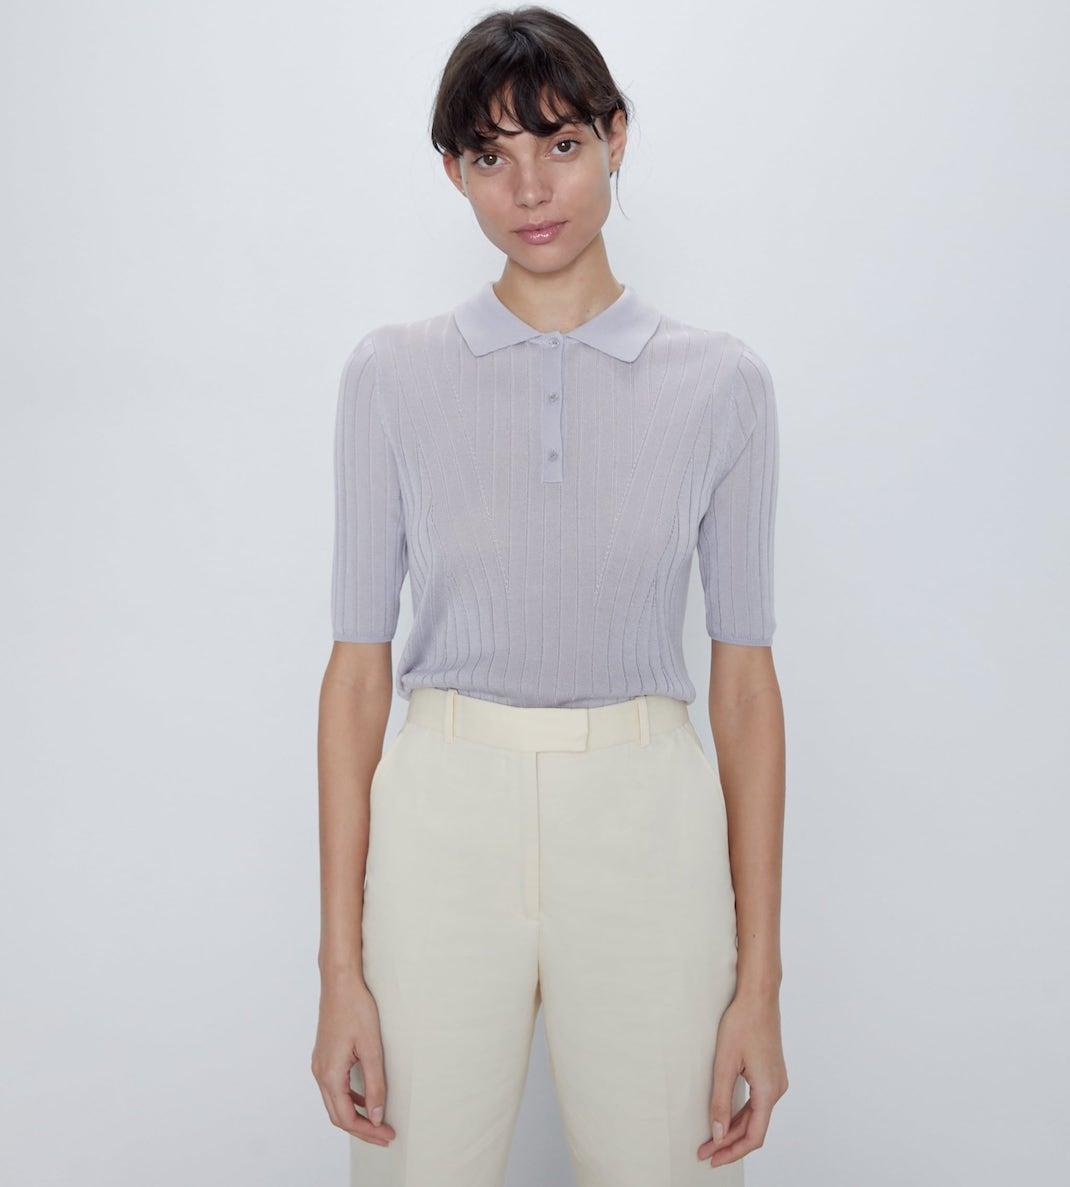 μοντέλο με πλεκτό τοπ Zara